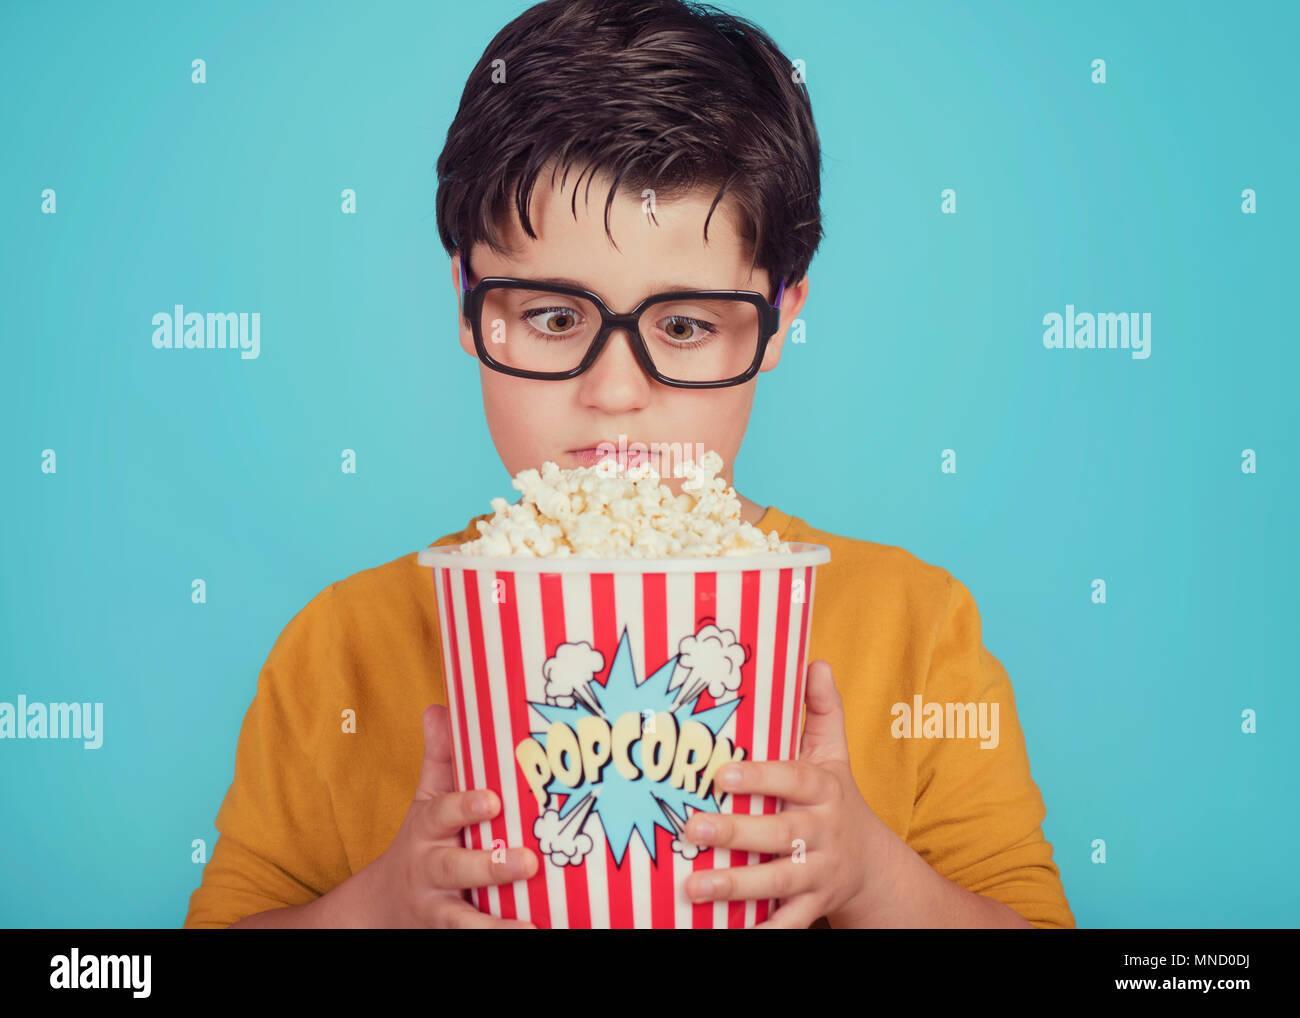 Kleiner Junge Kind mit Popcorn auf blauem Hintergrund Stockbild